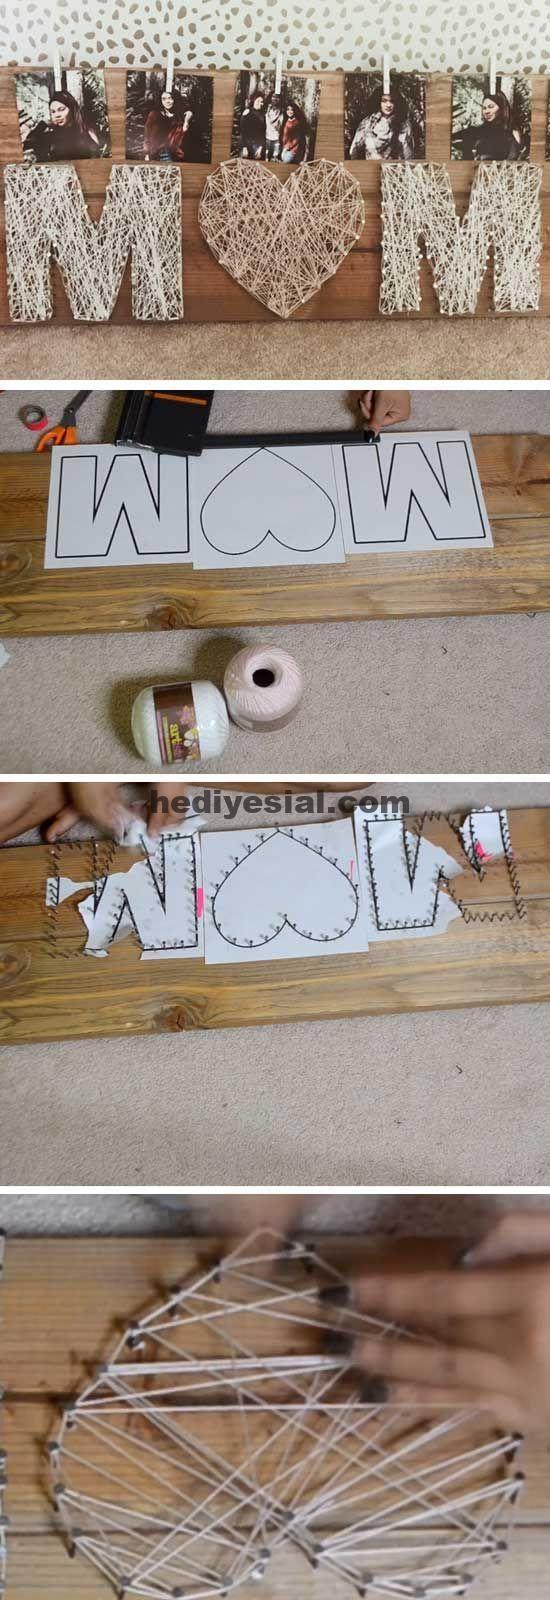 Mom String Art | DIY Muttertagsgeschenke vom Teenager,  #muttertagsgeschenke #present #string #teenager, Geschenk #stringart